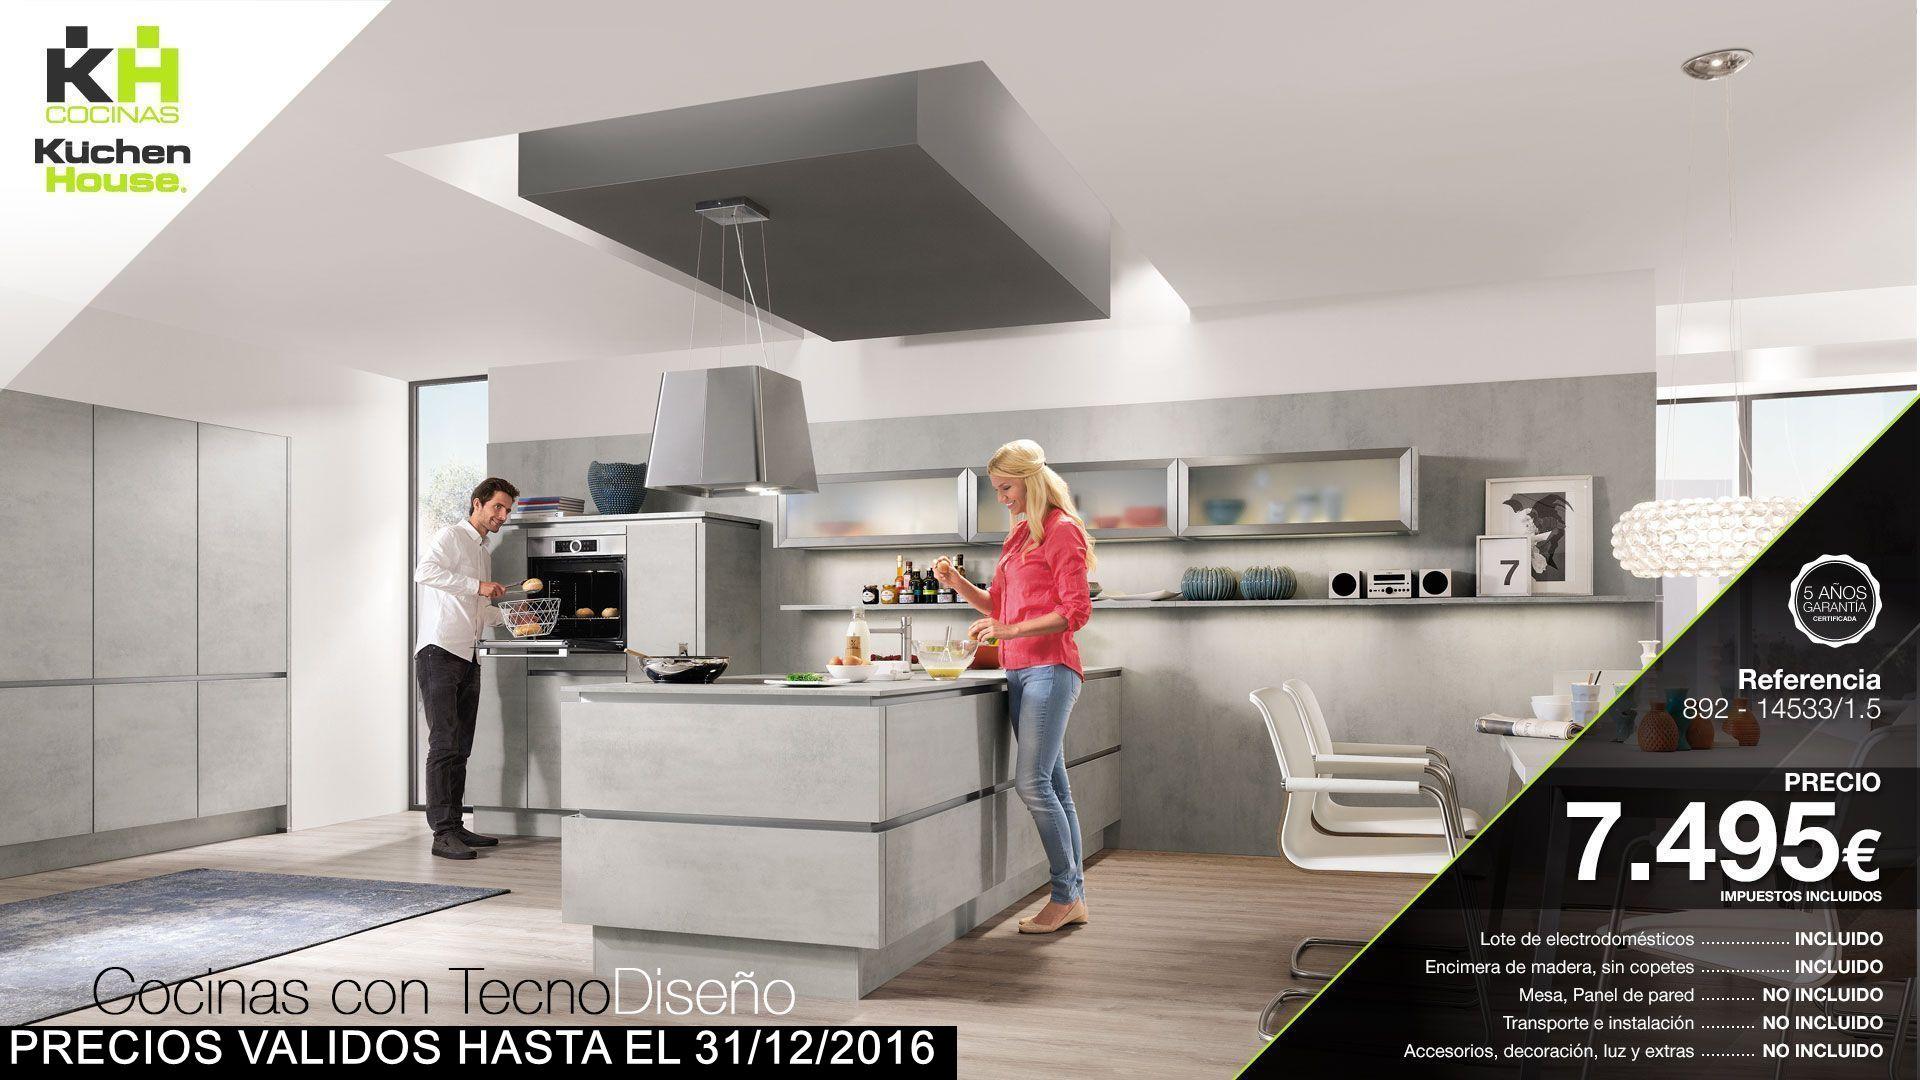 Cocina Kuchen House. Colección Novedades 2016 Riva 892-14533-1/5 - Cocinas Alemanas | TecnoDiseño | Calidad Alemana